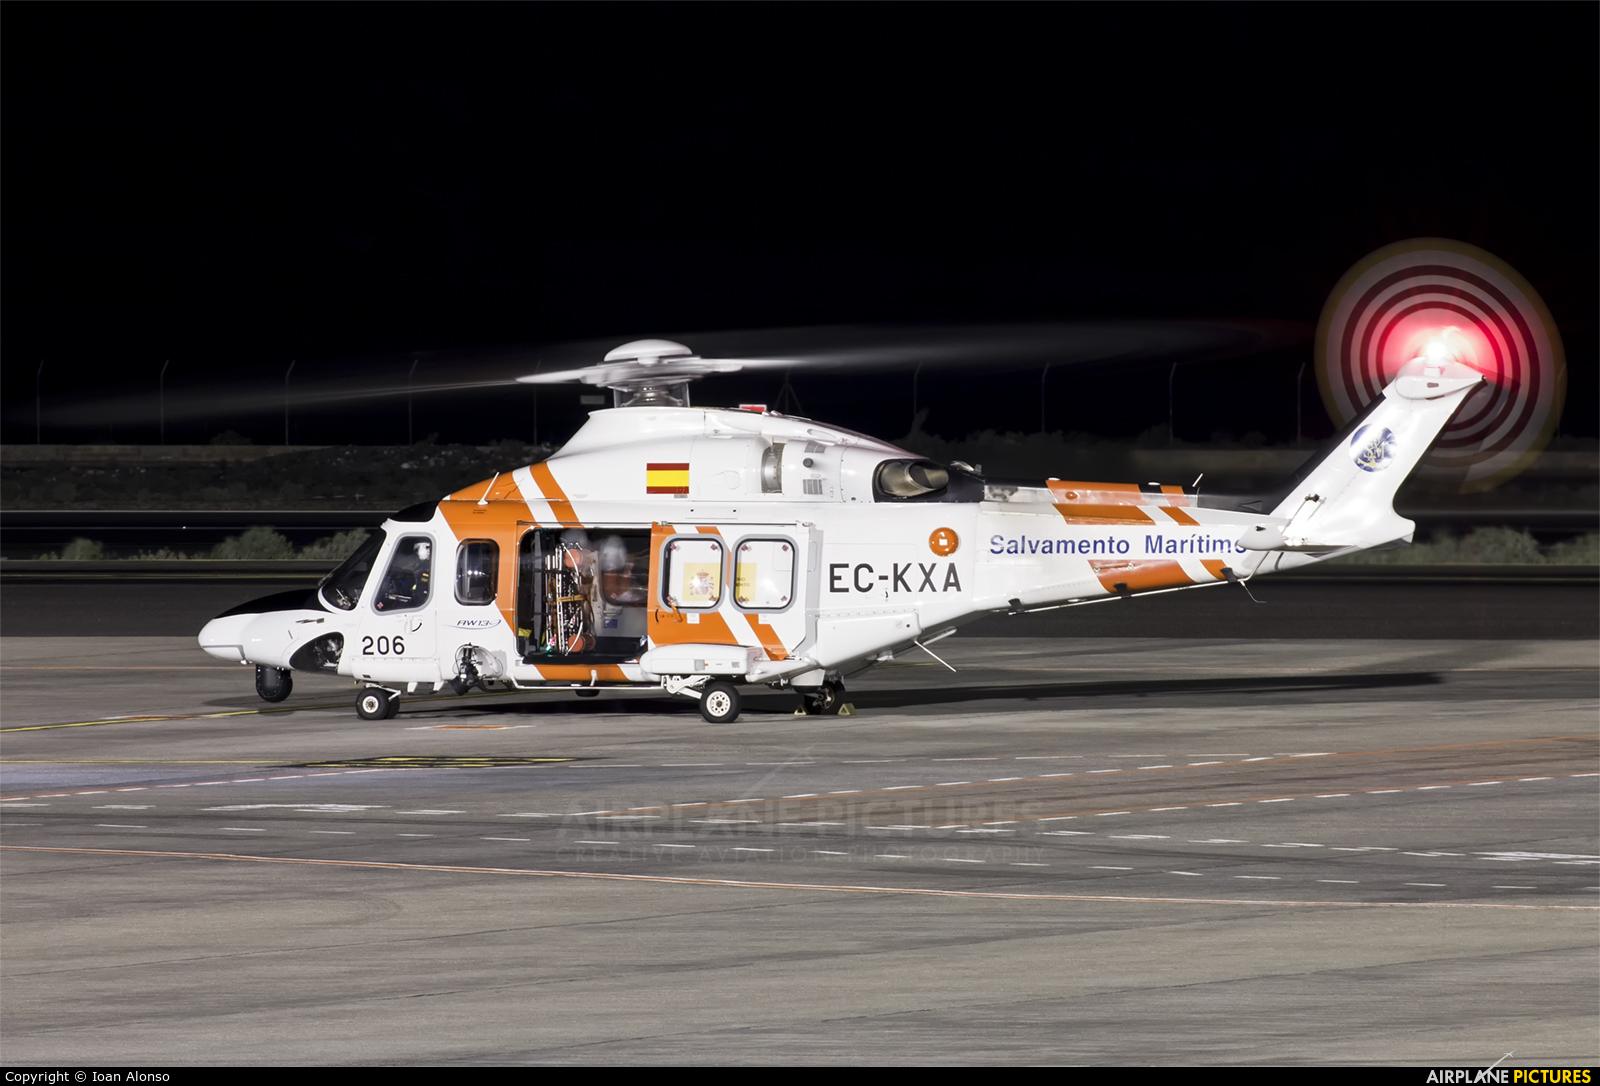 Salvamento Marítimo EC-KXA aircraft at Tenerife Sur - Reina Sofia